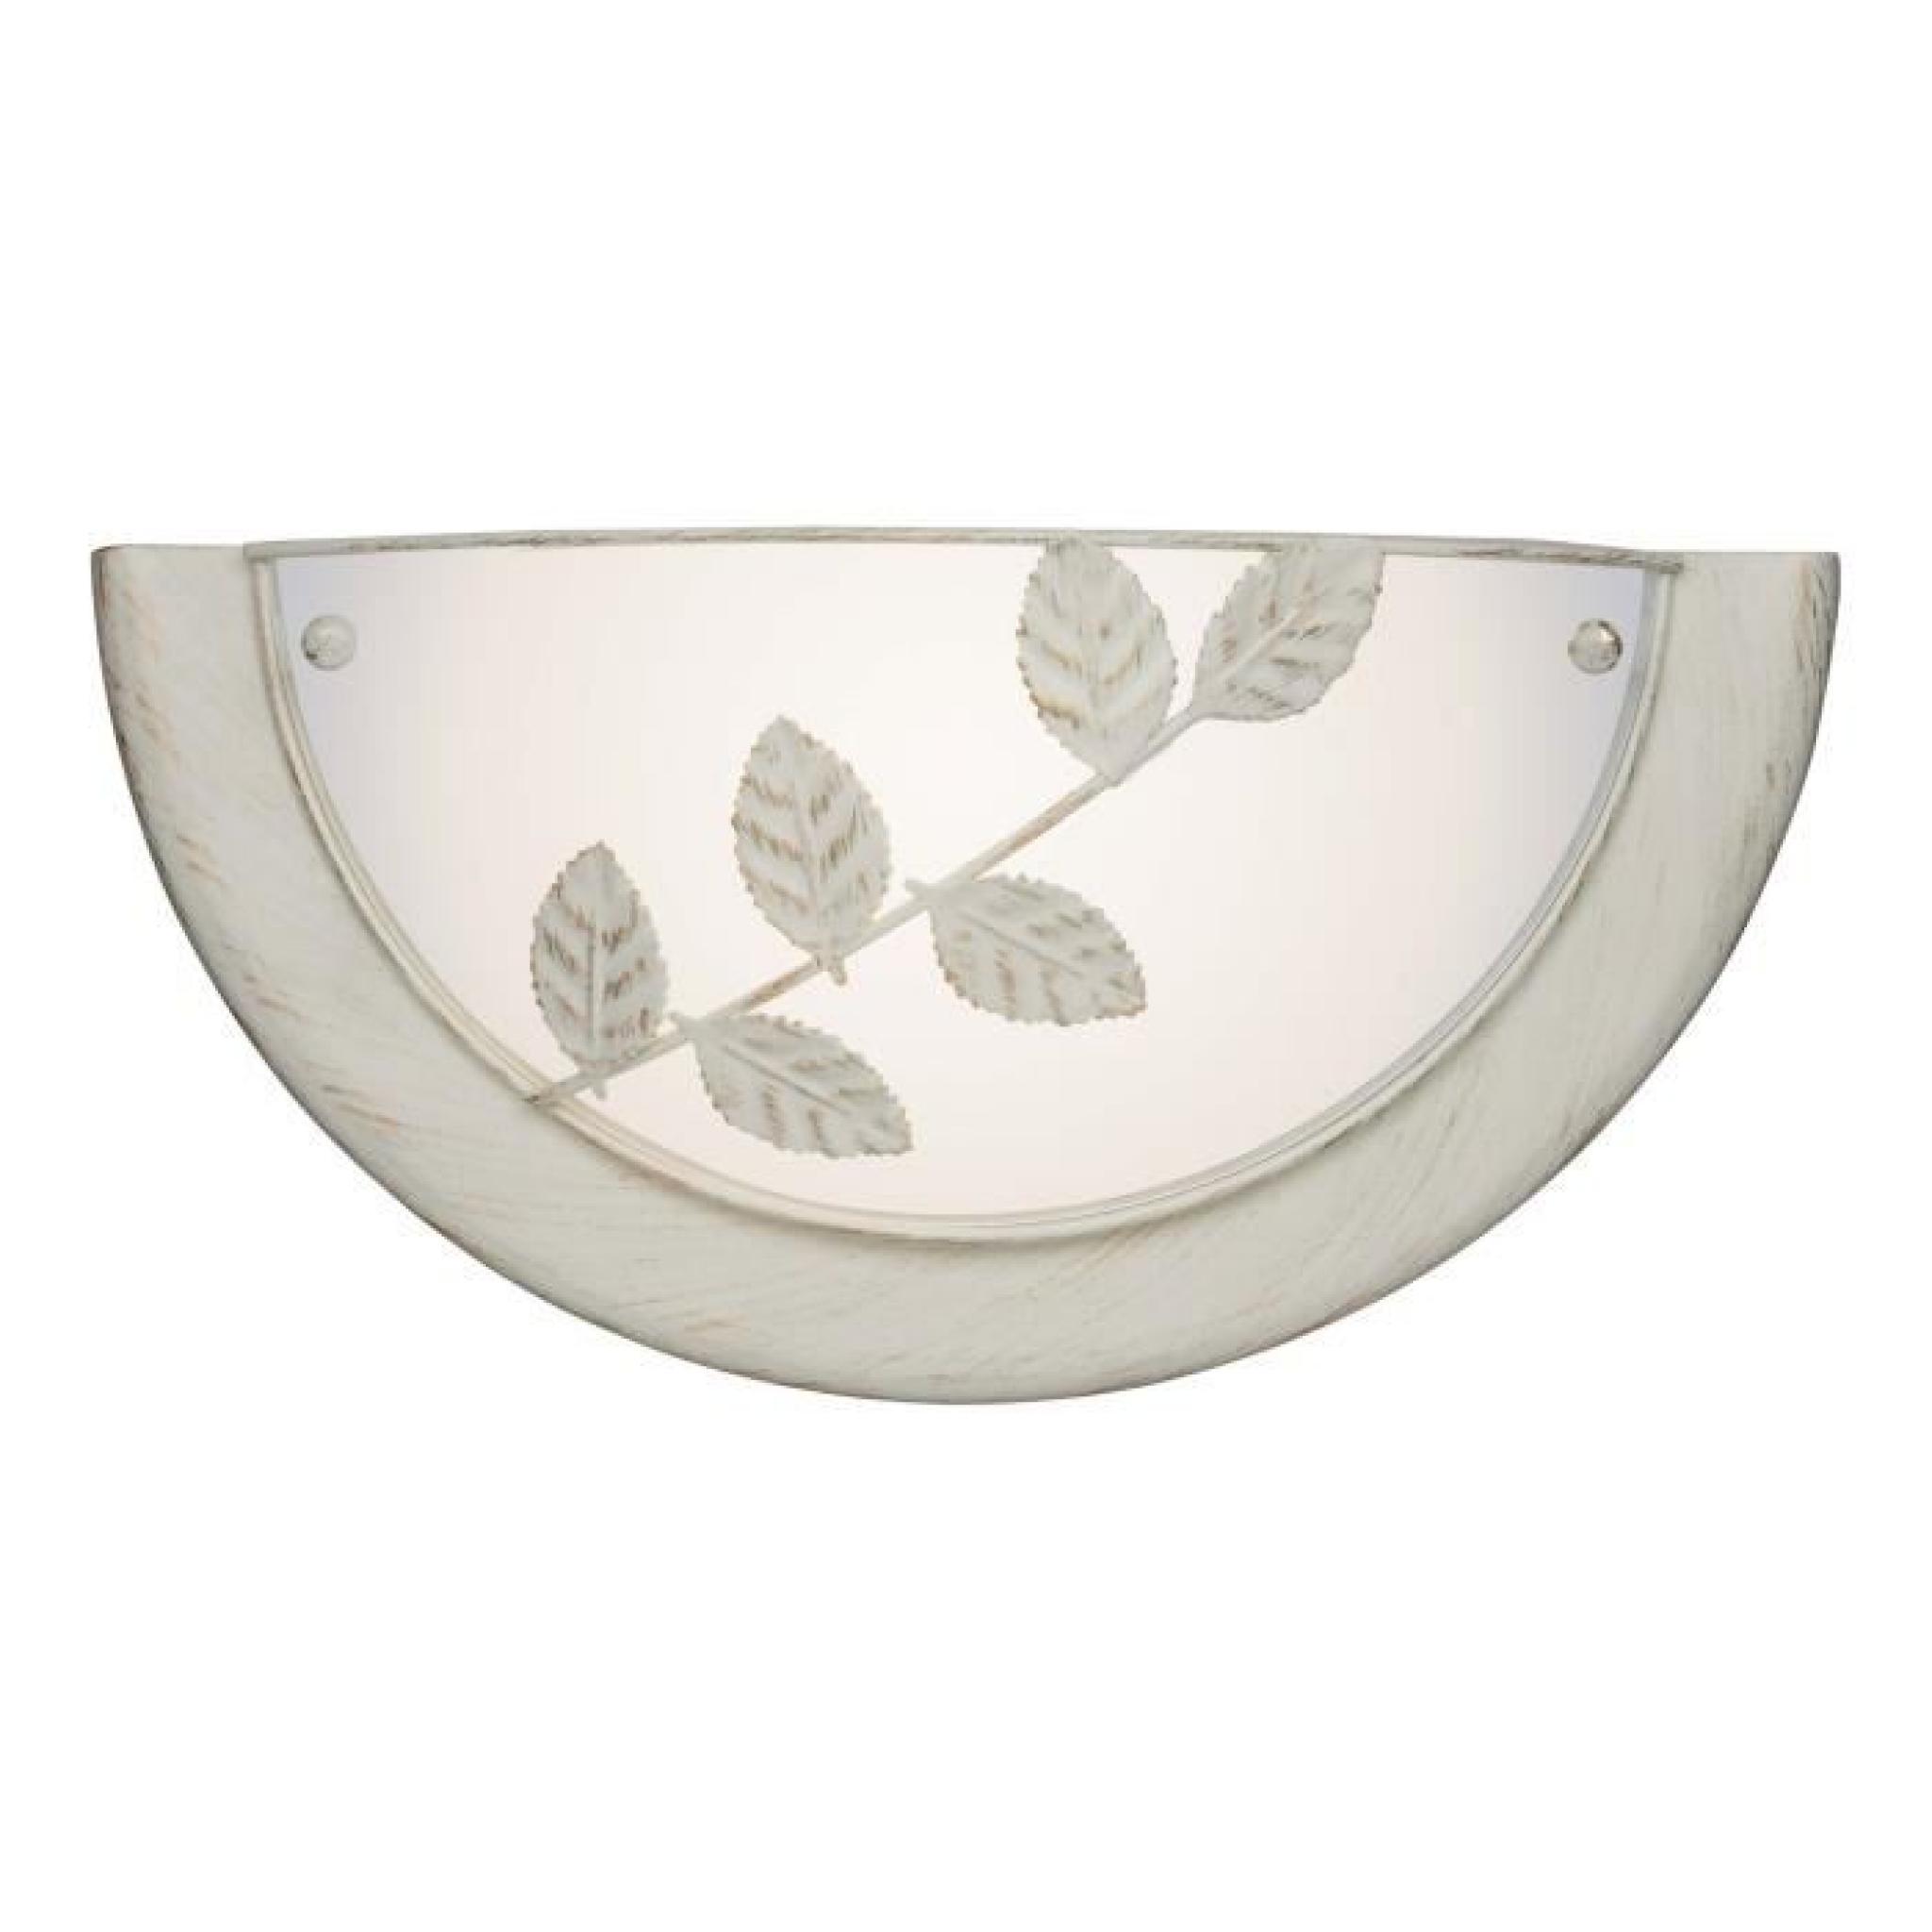 applique demi lune en m tal et verre motifs feuilles longueur flora achat vente. Black Bedroom Furniture Sets. Home Design Ideas